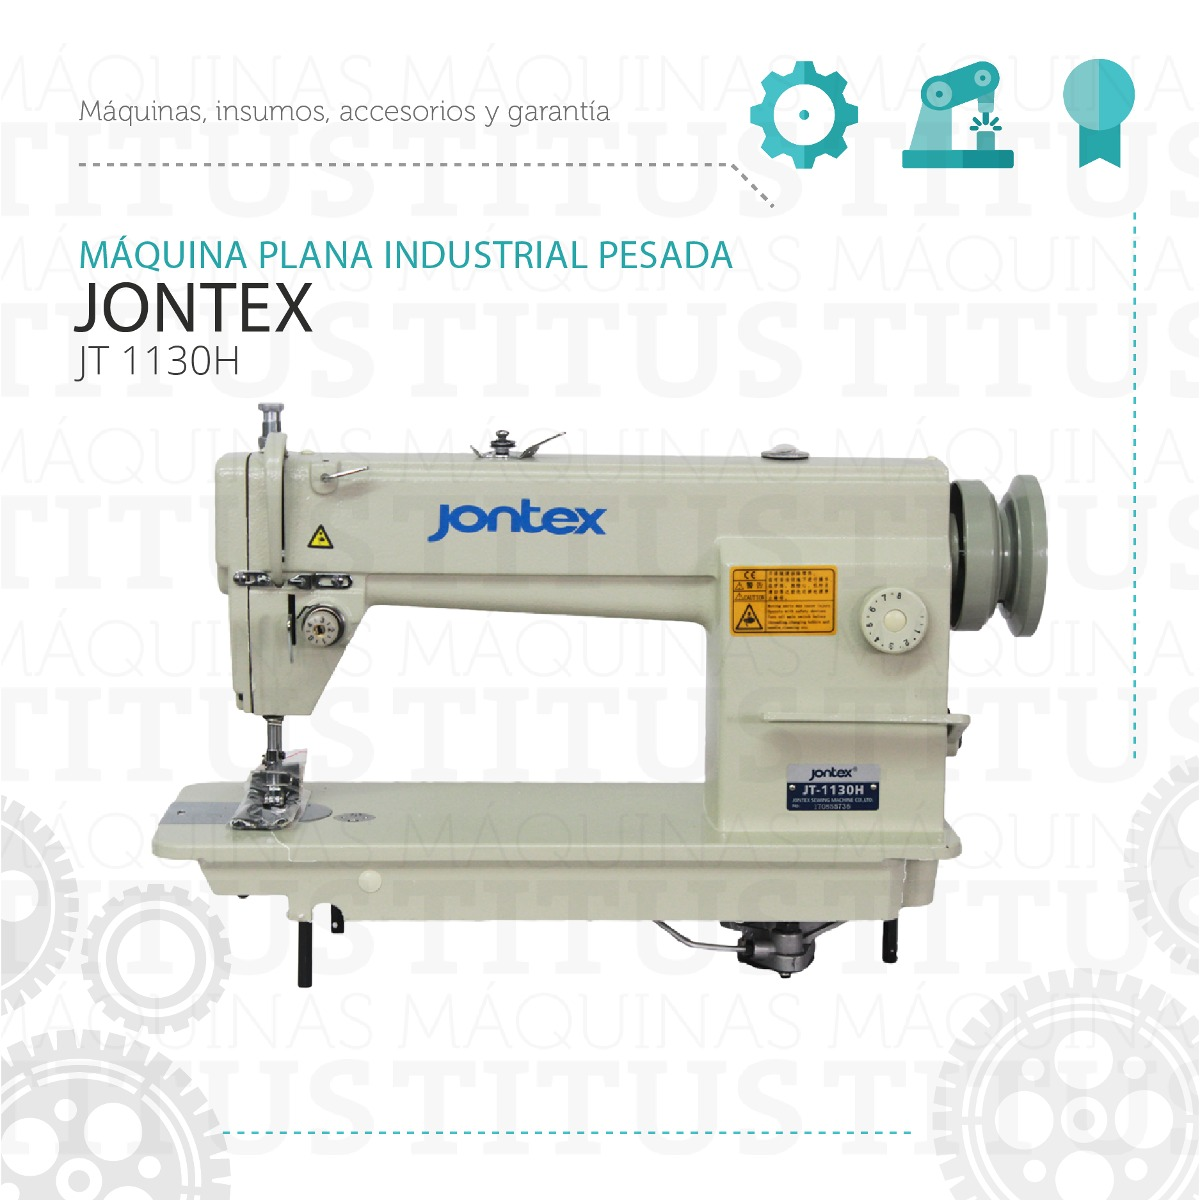 Plana Industrial Jontex Jt 1130h Maquina De Coser Pesada